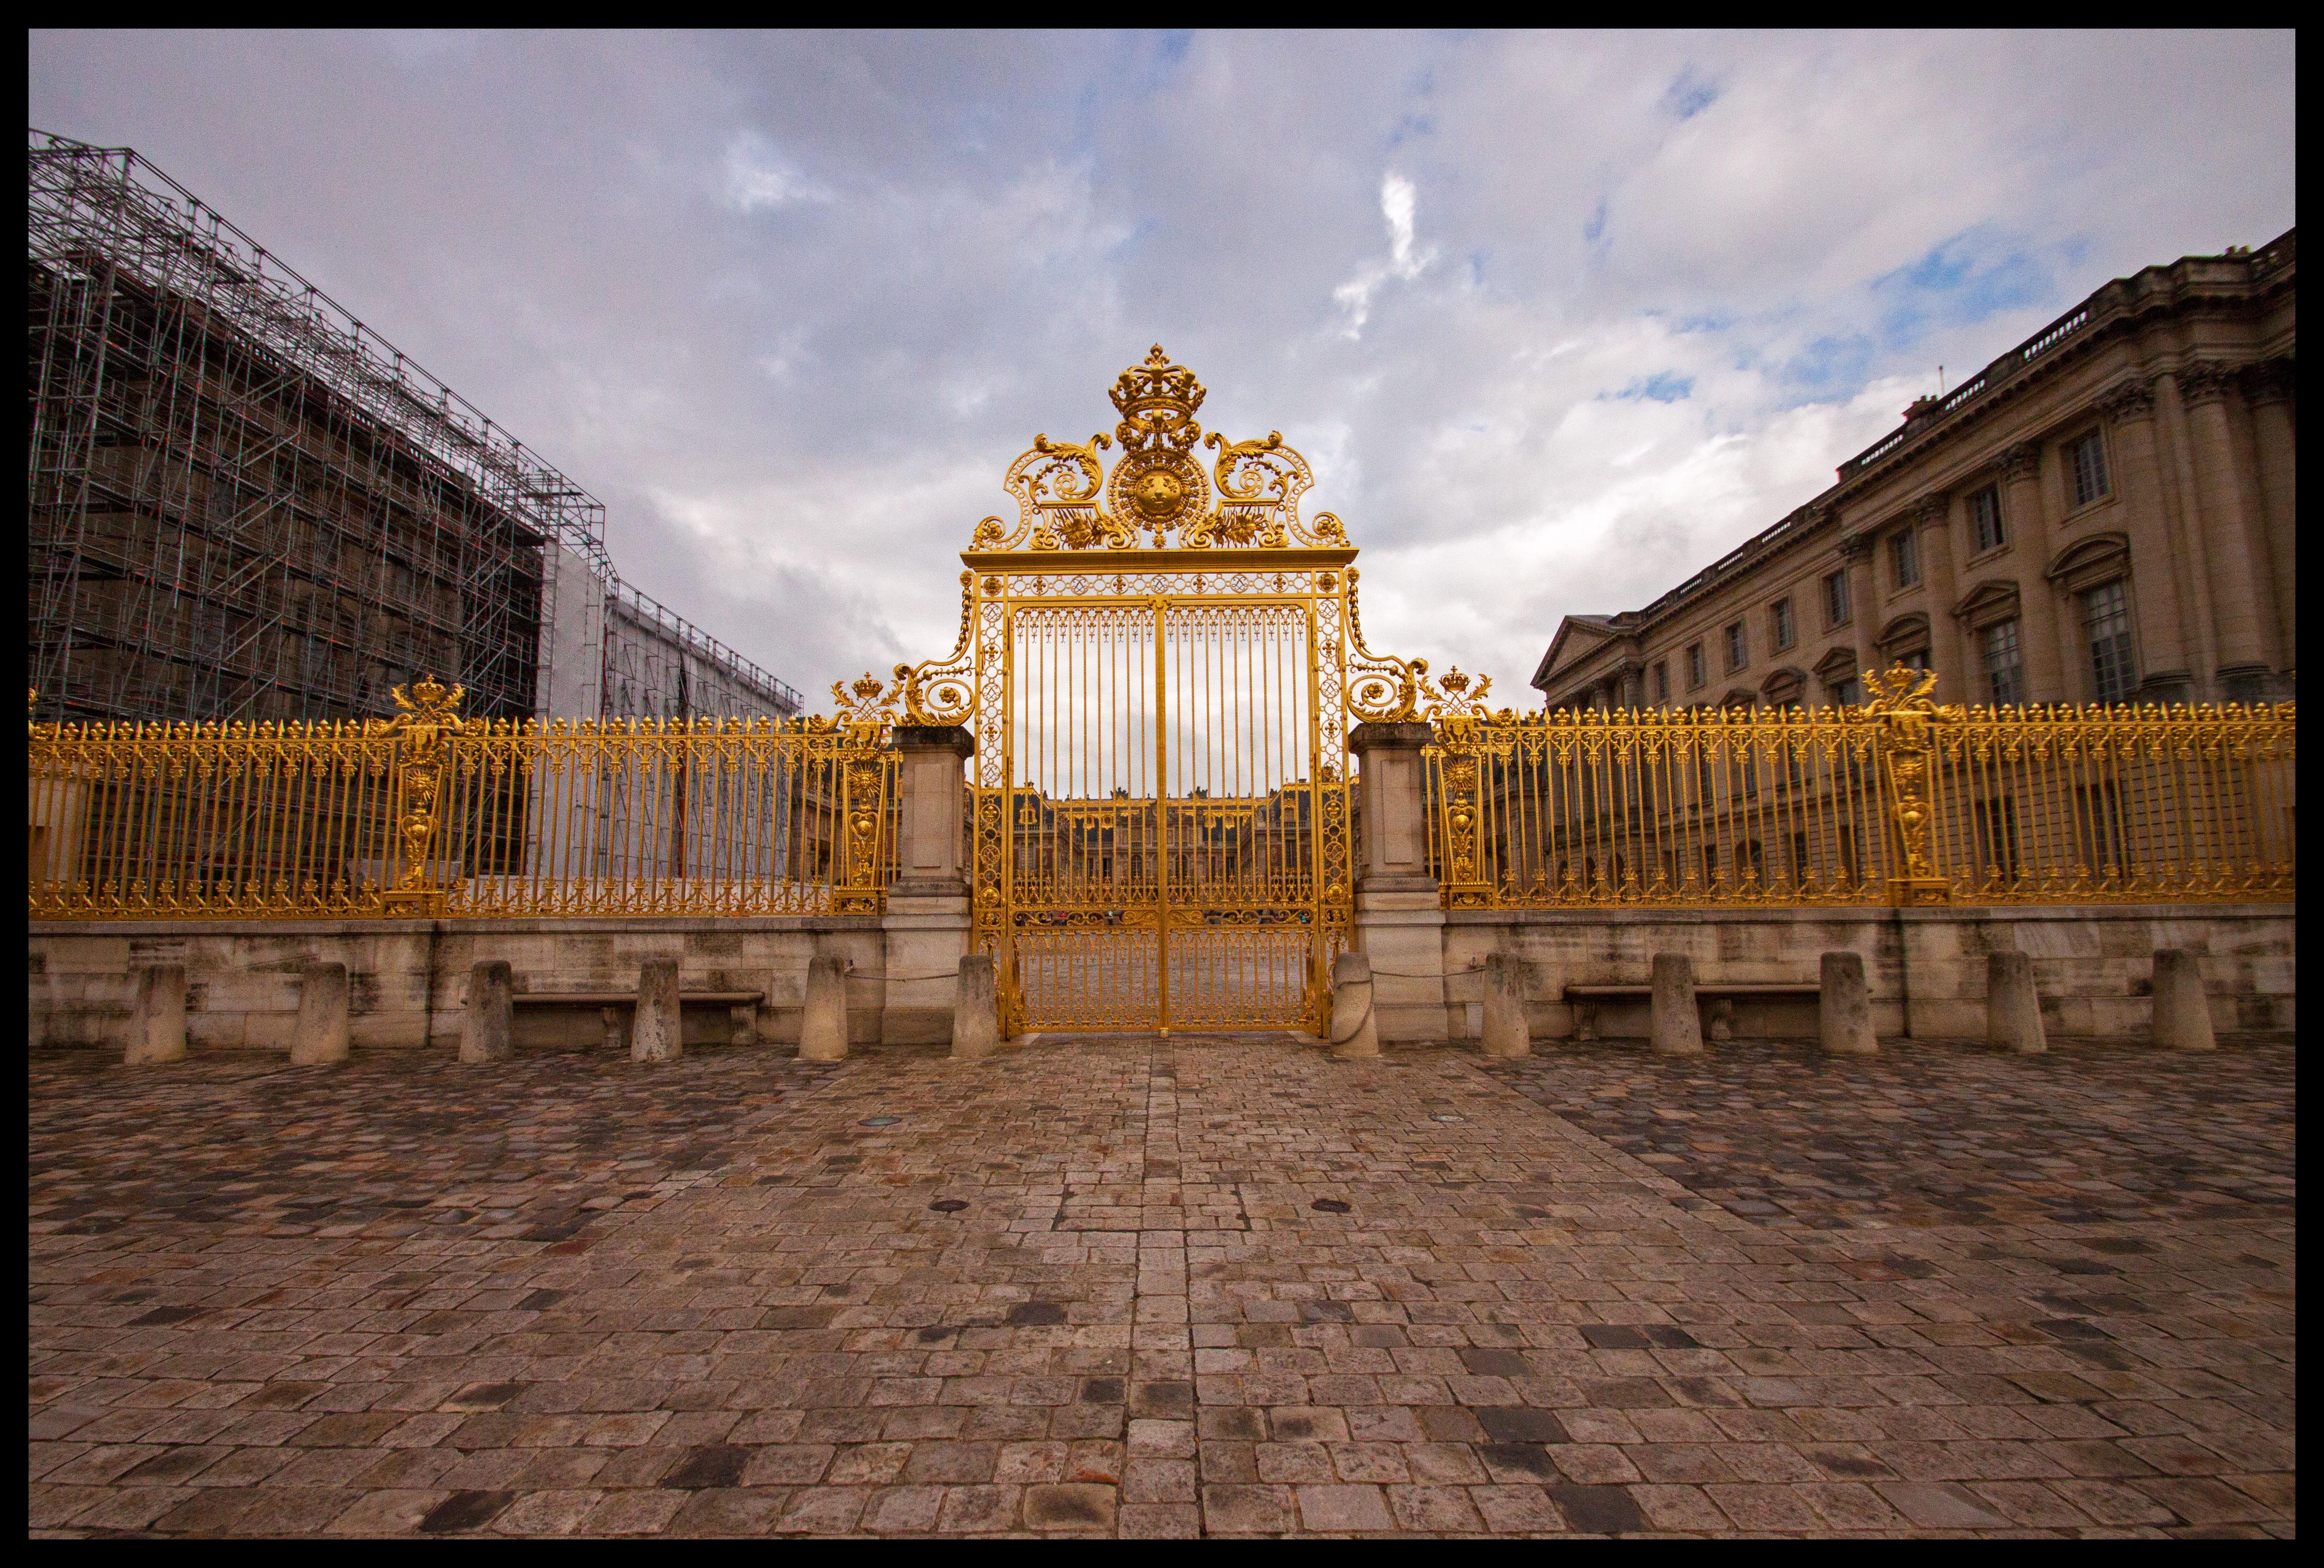 Iii ch teau de versailles emilyberkson - Photo chateau de versailles ...